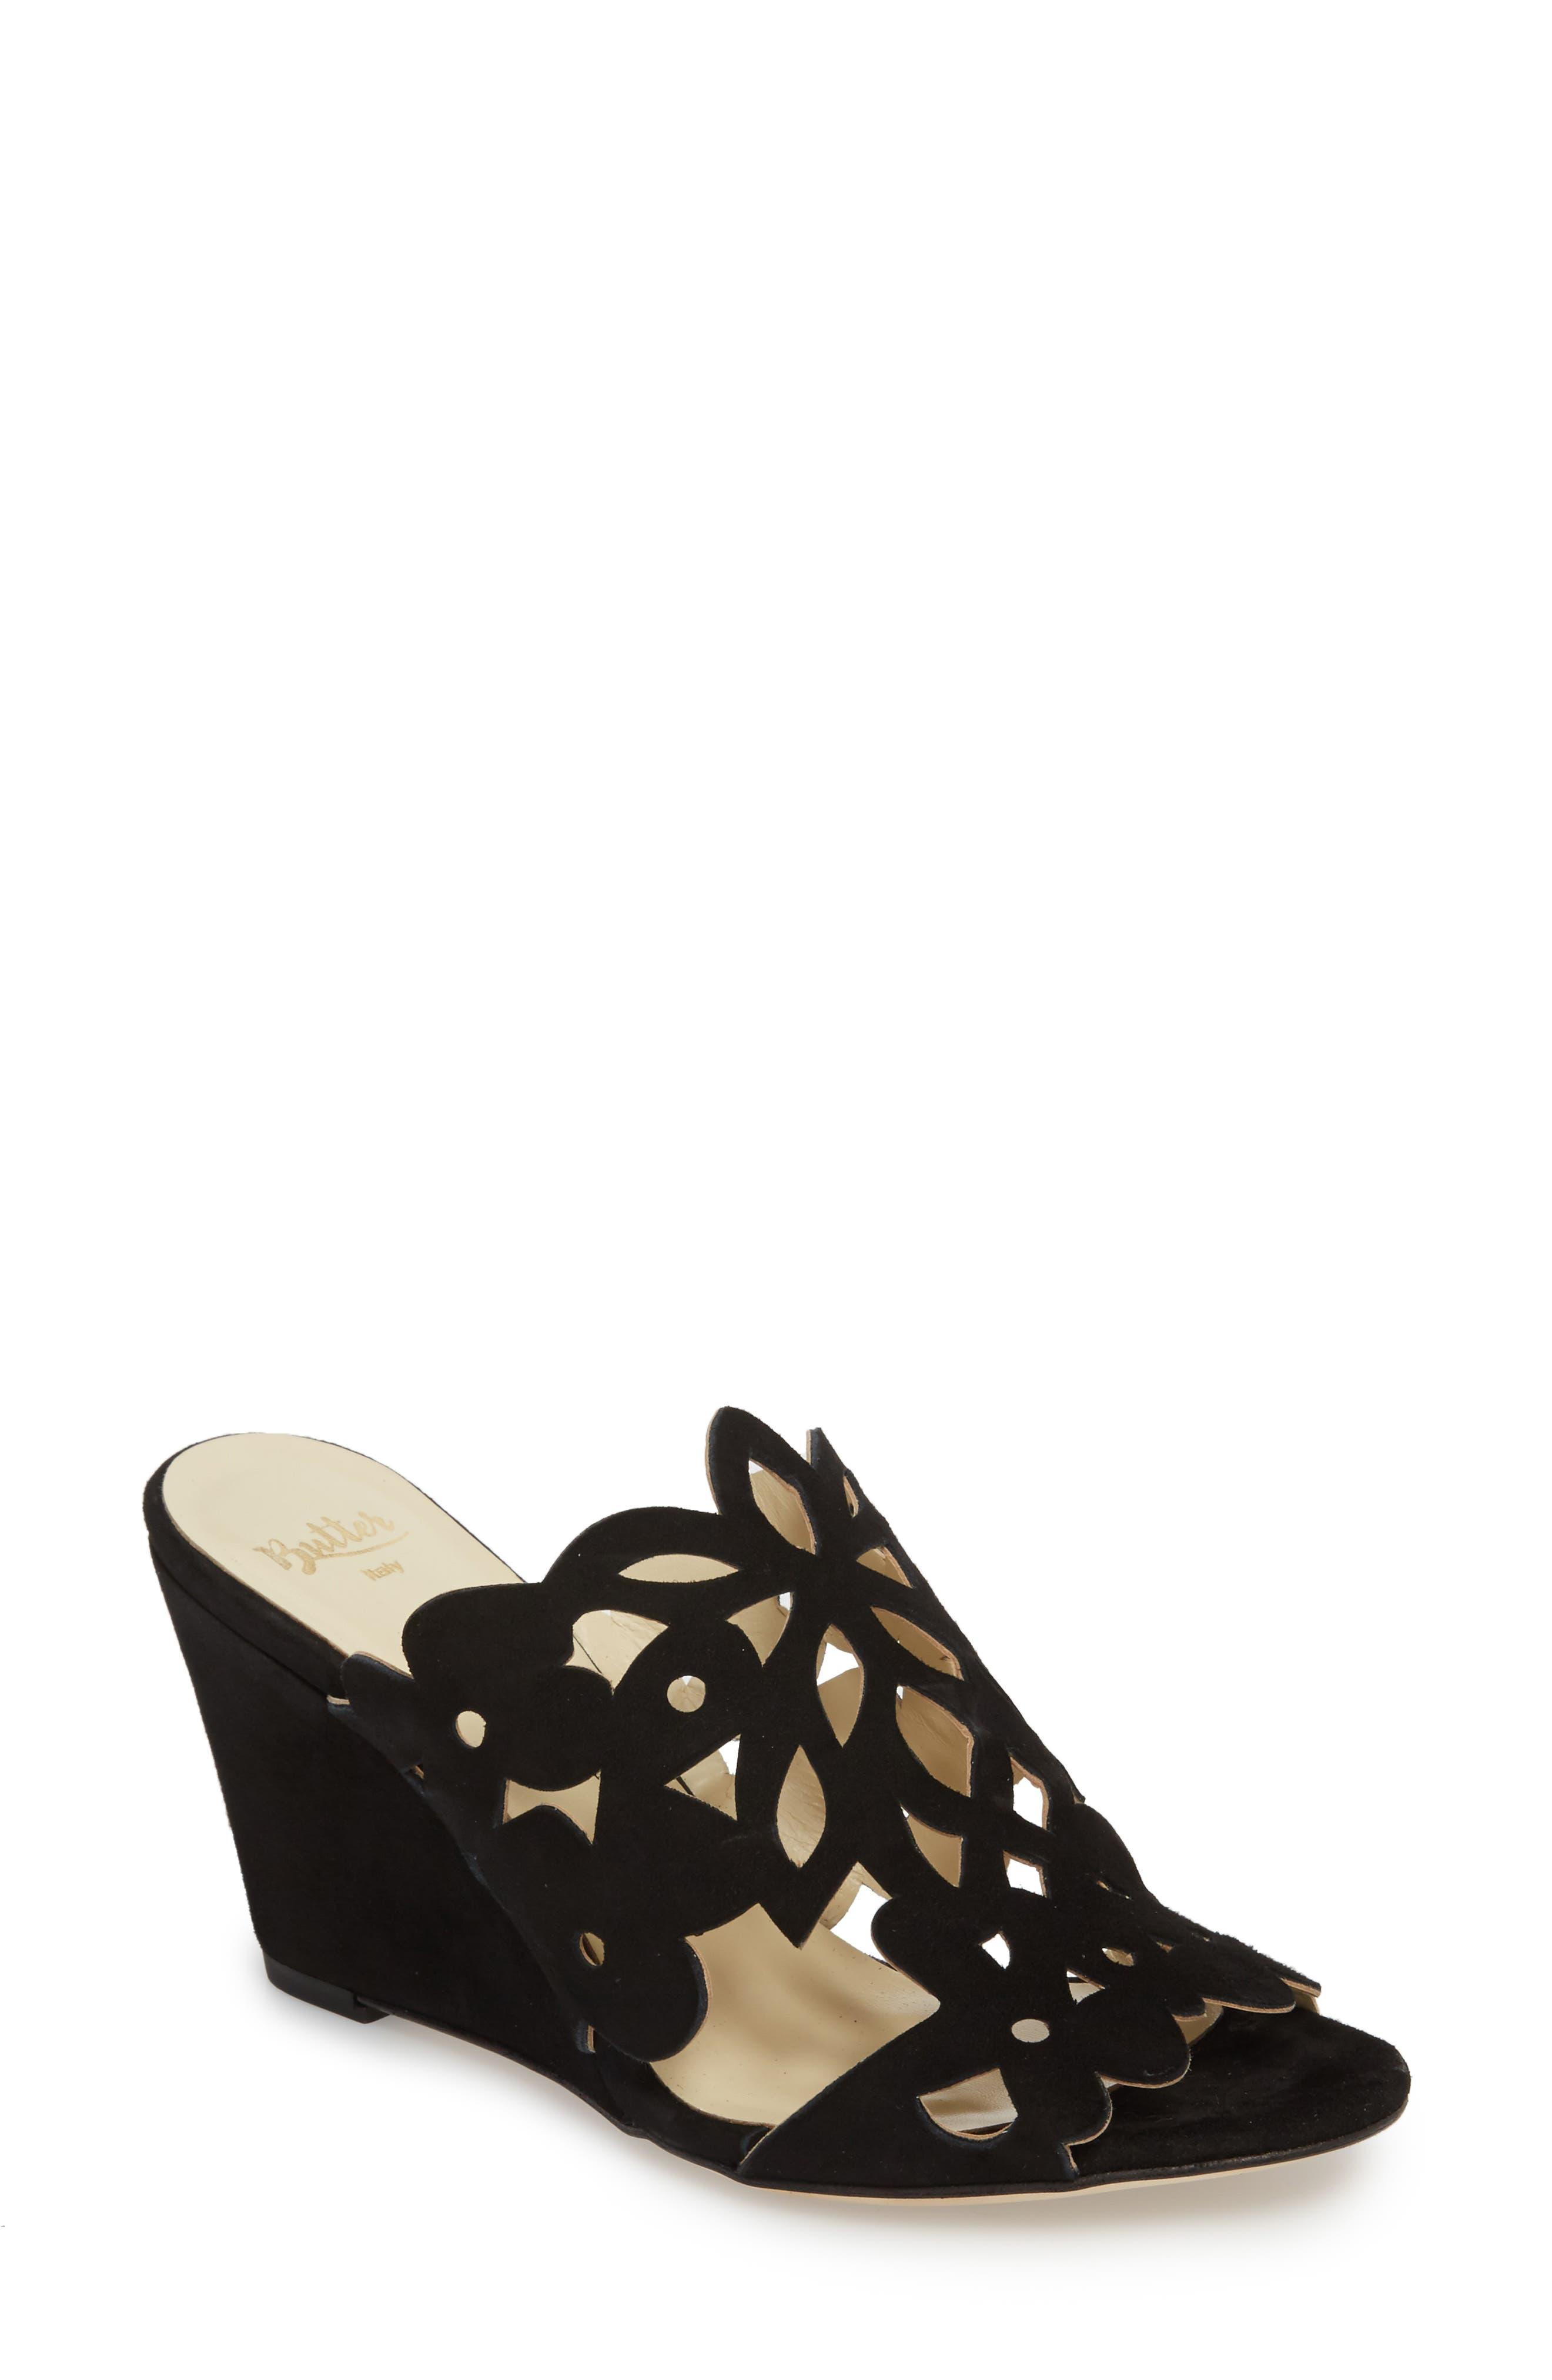 Butter Quinn Wedge Slide Sandal,                         Main,                         color, Blk Suede